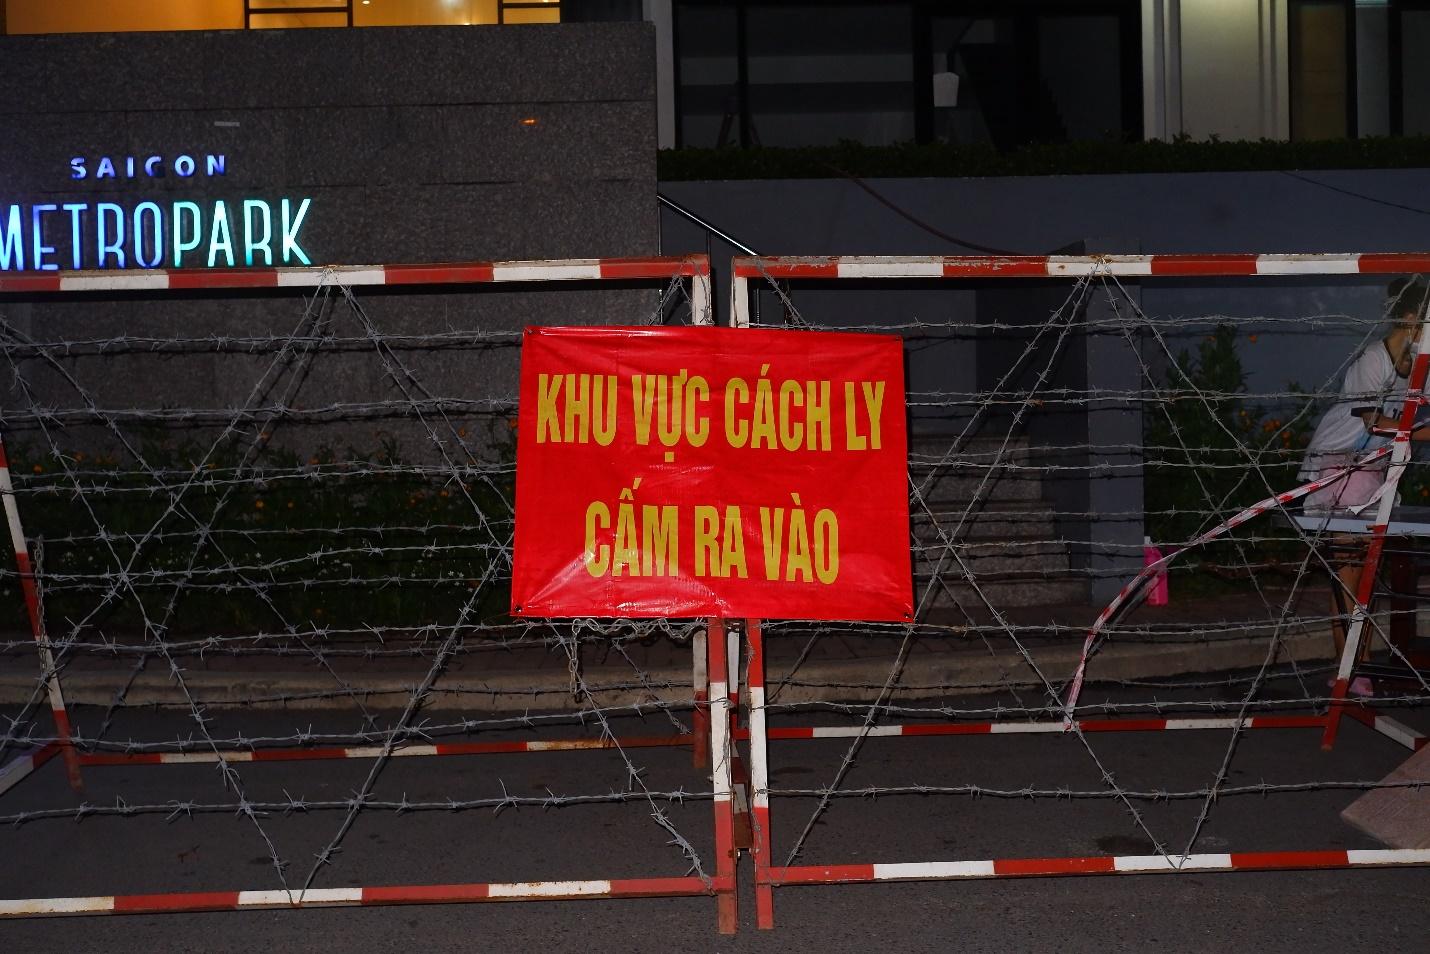 TP Thủ Đức phong tỏa chung cư Sài Gòn Metro Park do phát hiện 01 ca nhiễm  COVID-19